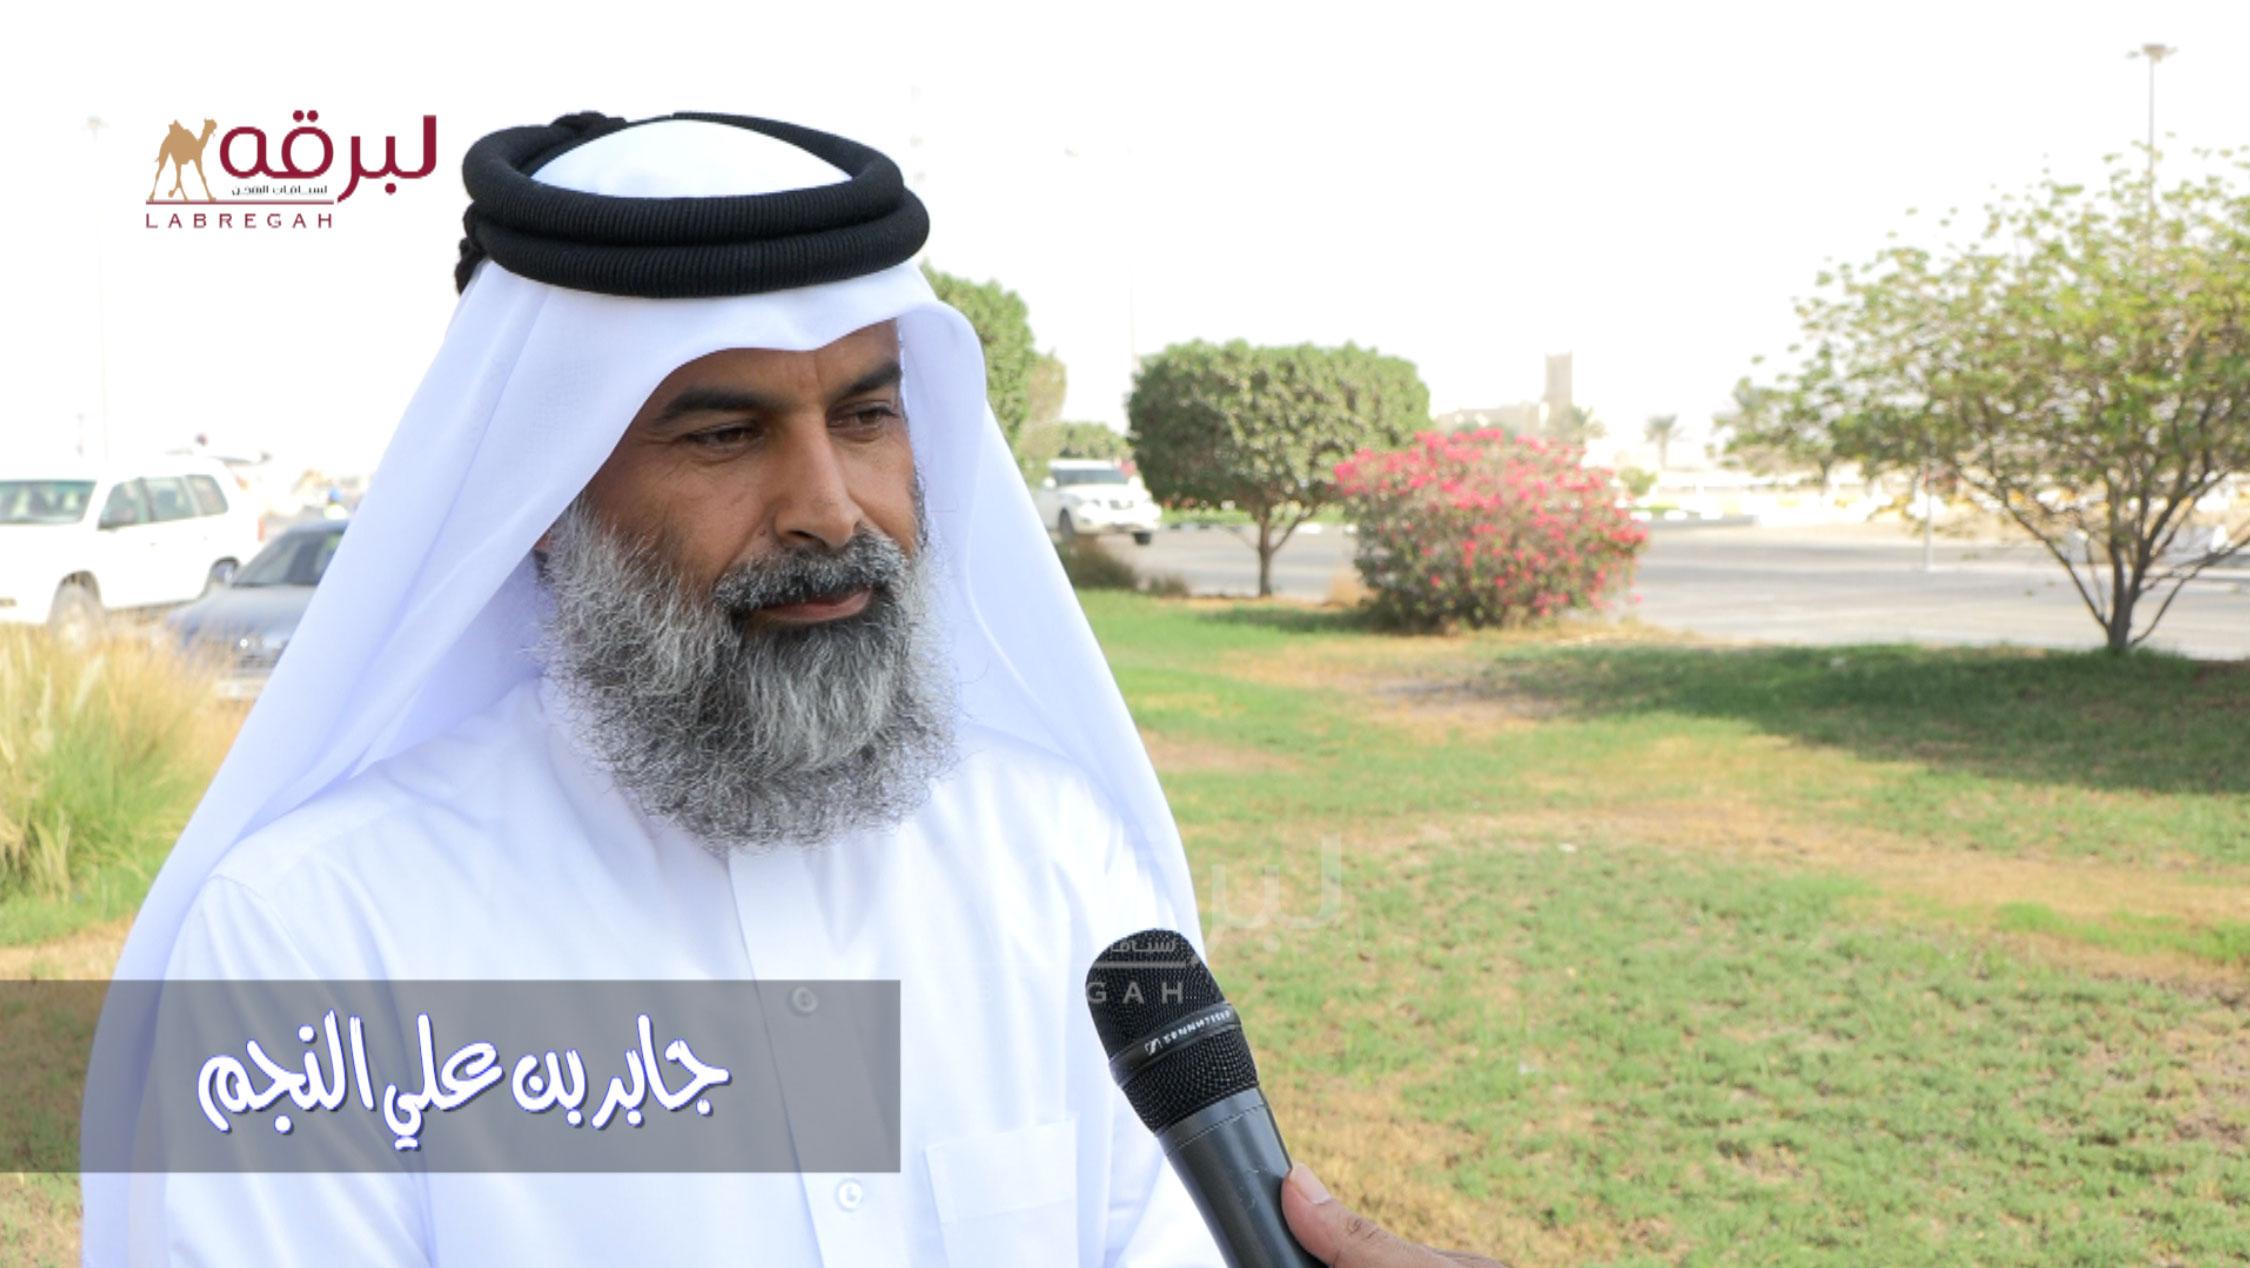 لقاء مع جابر بن علي النجم.. الشوط الرئيسي لقايا بكار مفتوح ميدان الشحانية ٧-٩-٢٠٢١